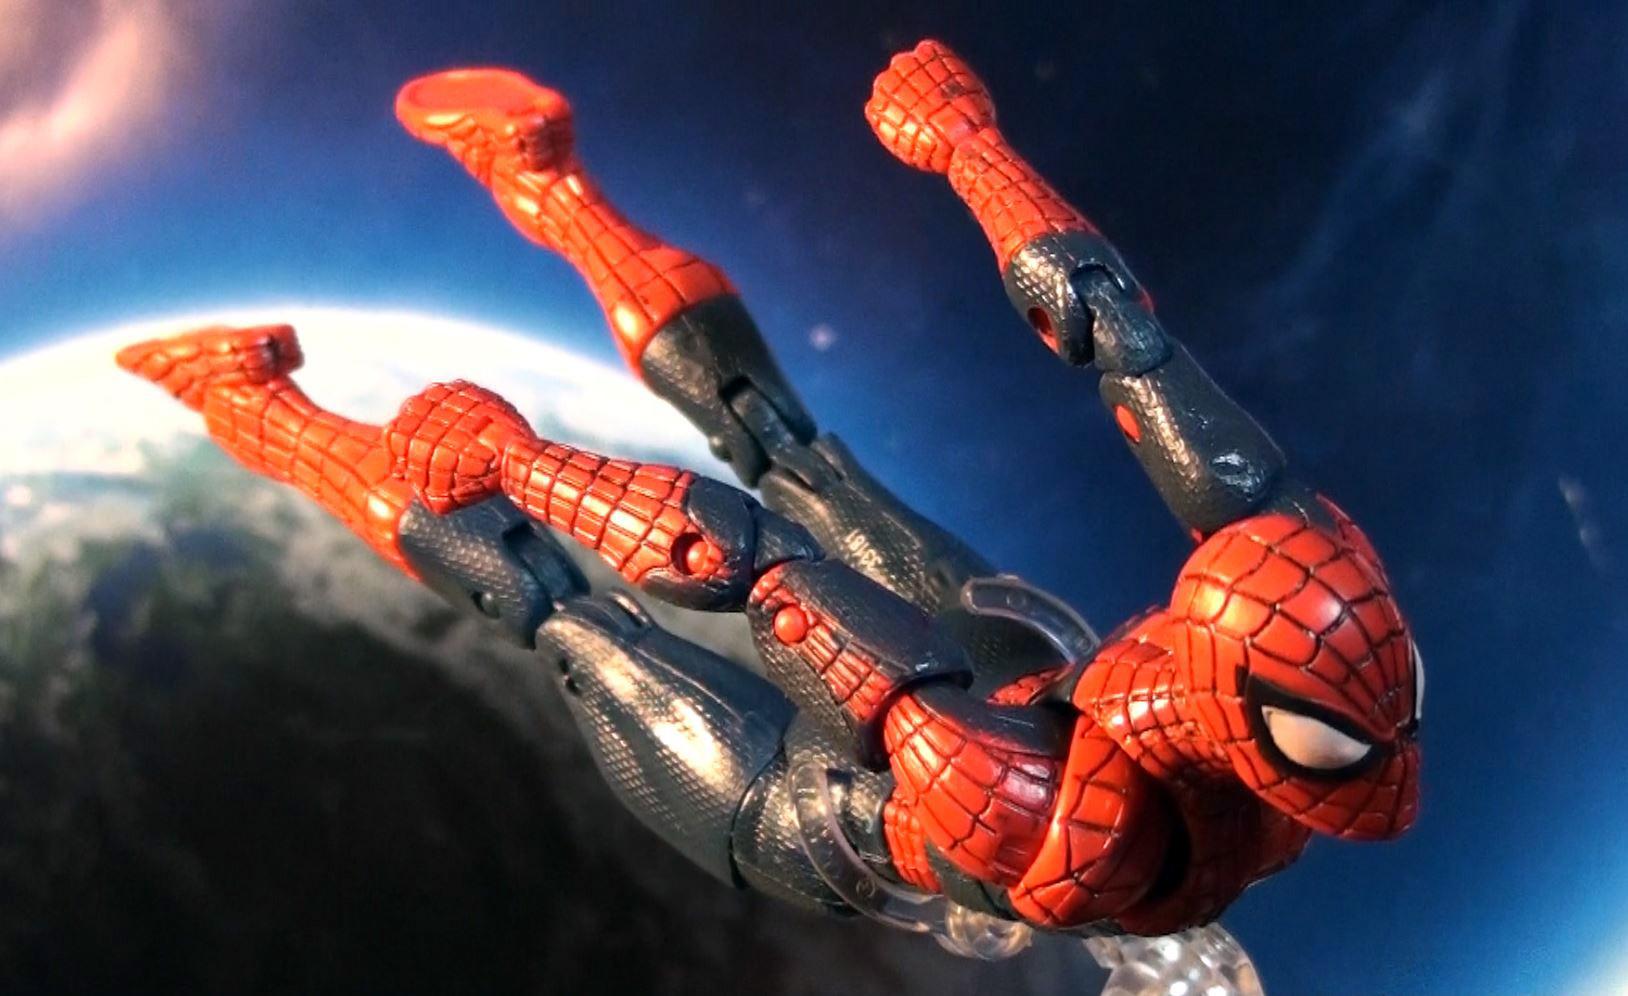 The Amazing Spider-Man Bienvenido a Hdtoytheater-7659